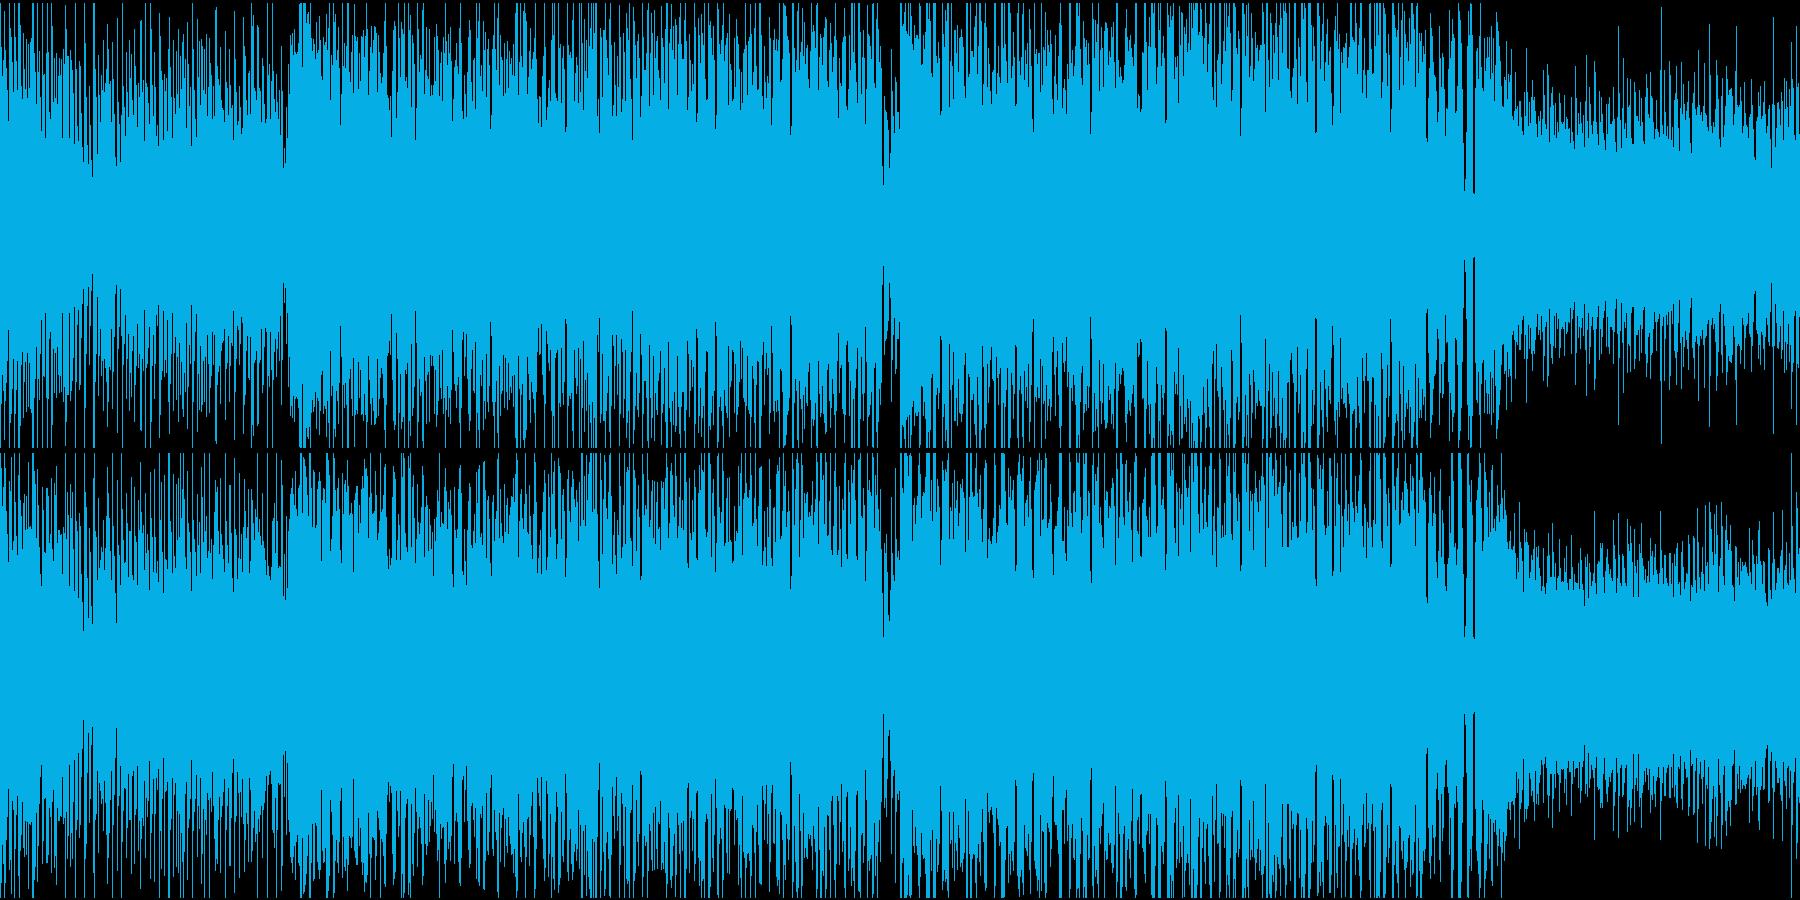 明るい晴れ気分のEDM(ハウス)の再生済みの波形